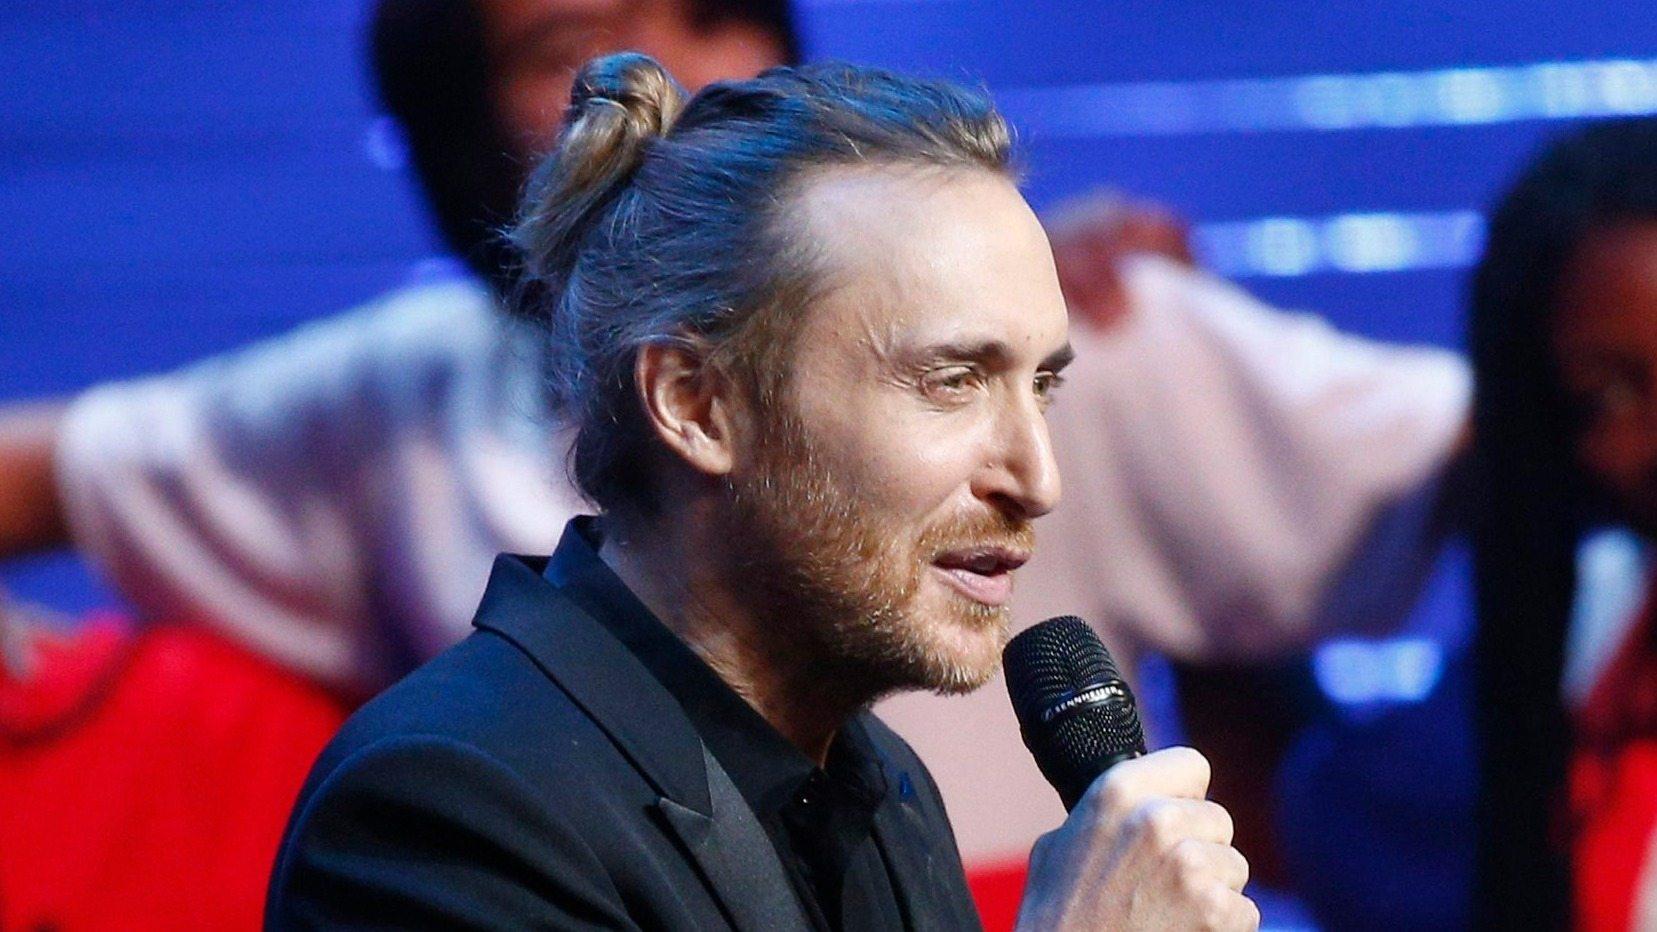 David Guetta a 2016-os Eb csoportsorsolásán - fotó: EPA/Yoan Valat